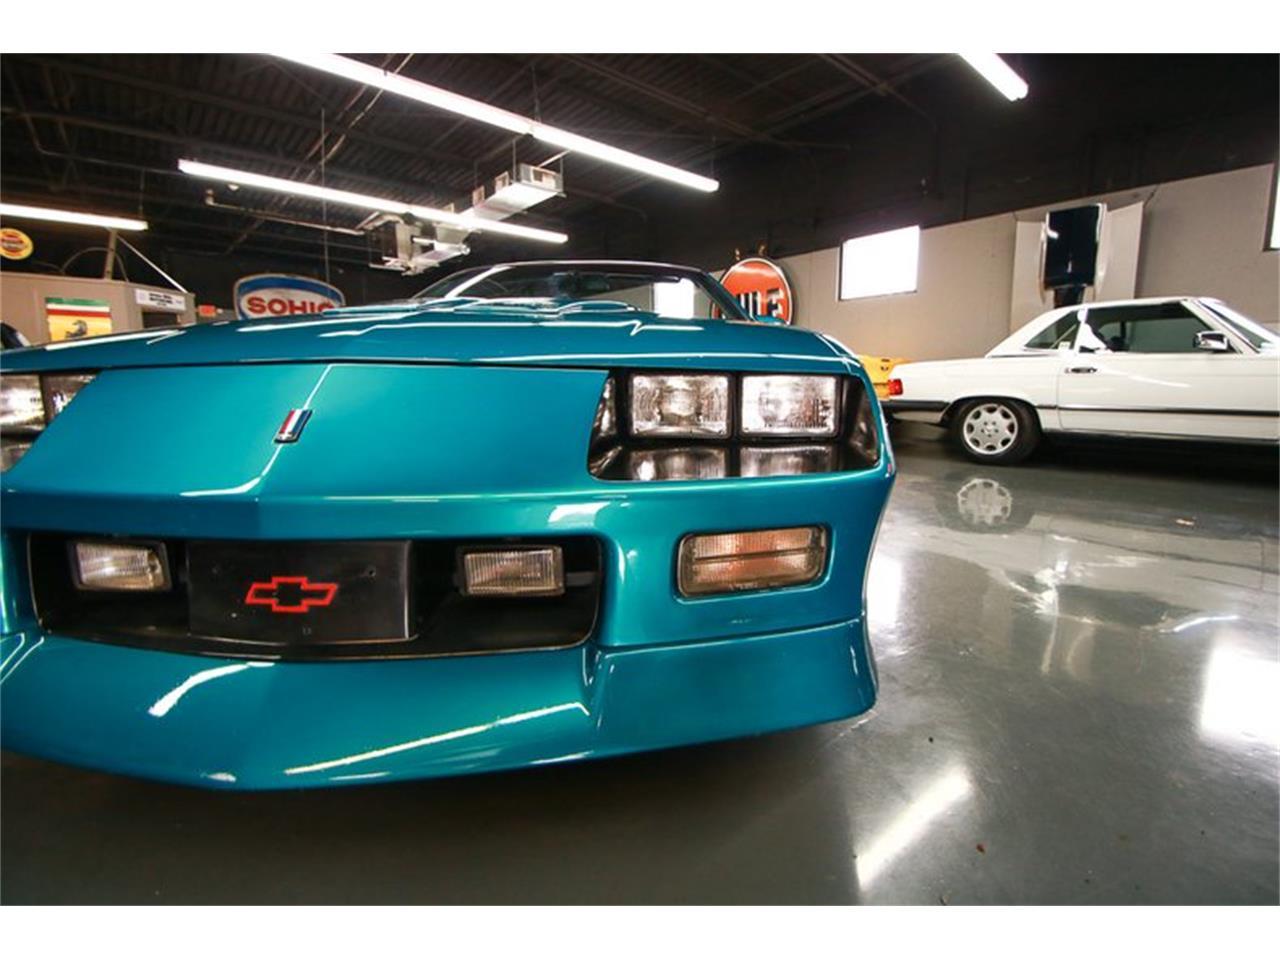 Large Picture of 1992 Chevrolet Camaro located in Ohio - $12,900.00 - QLU7